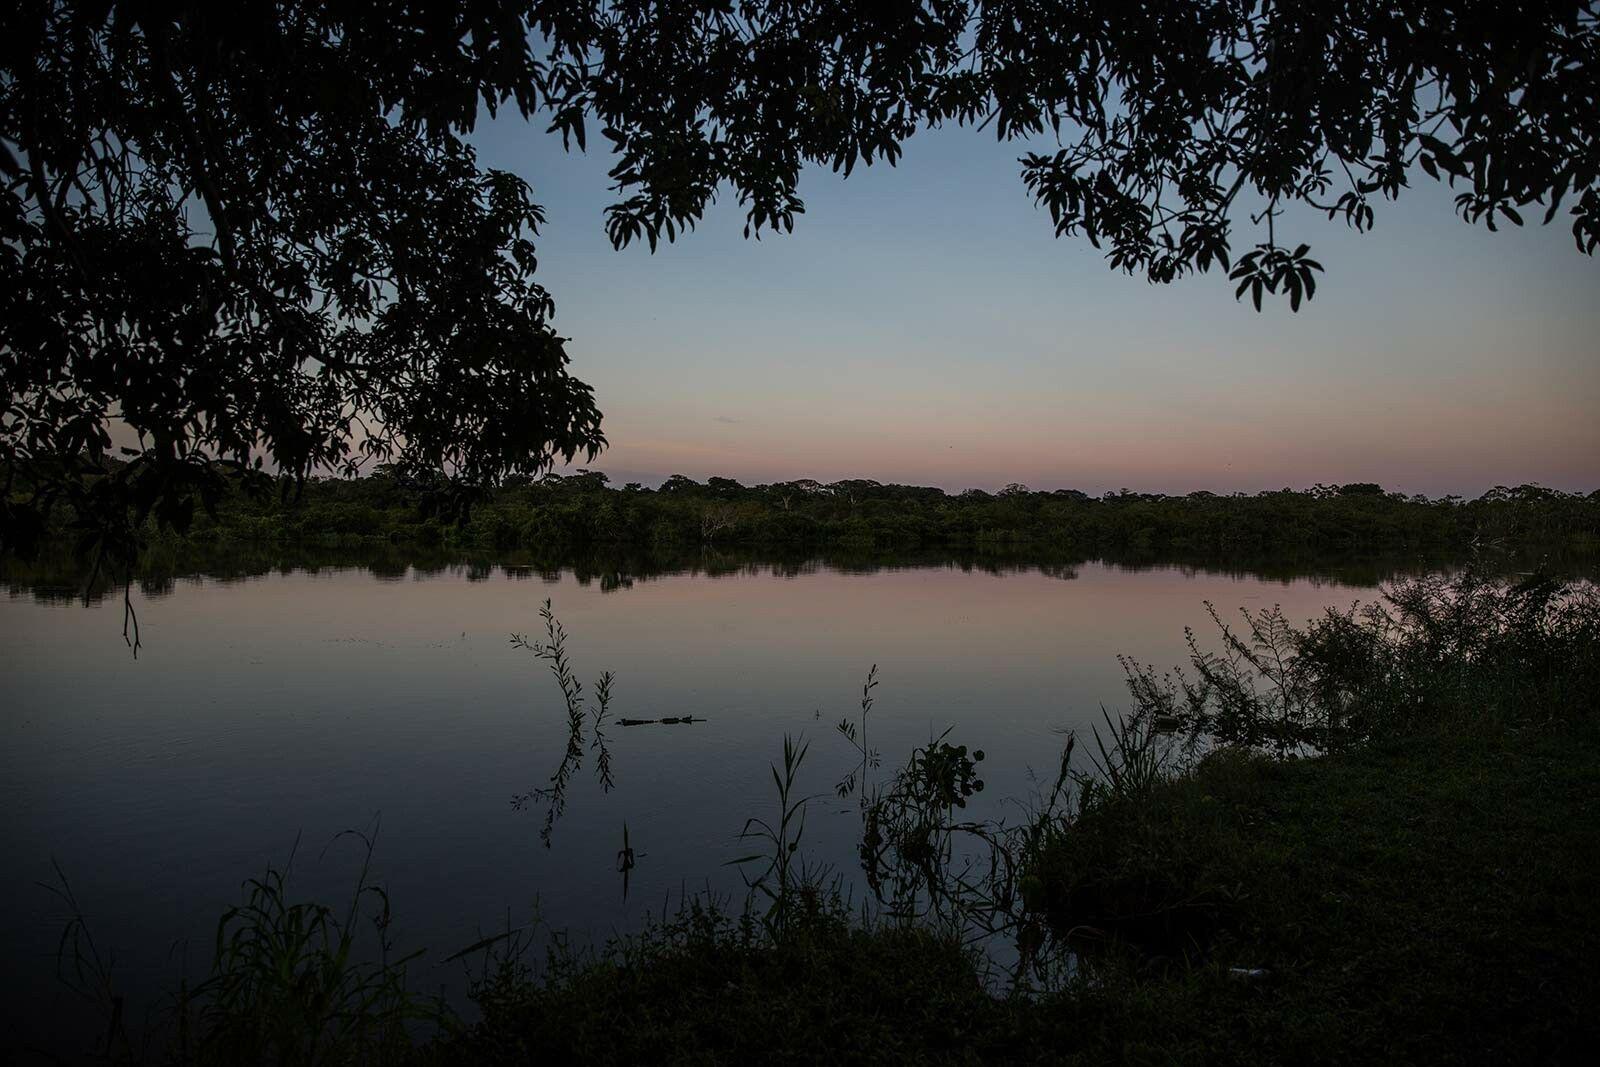 À noite o rio parece tranquilo, mas ninguém transita nele. Há pessoas armadas que vigiam o ...